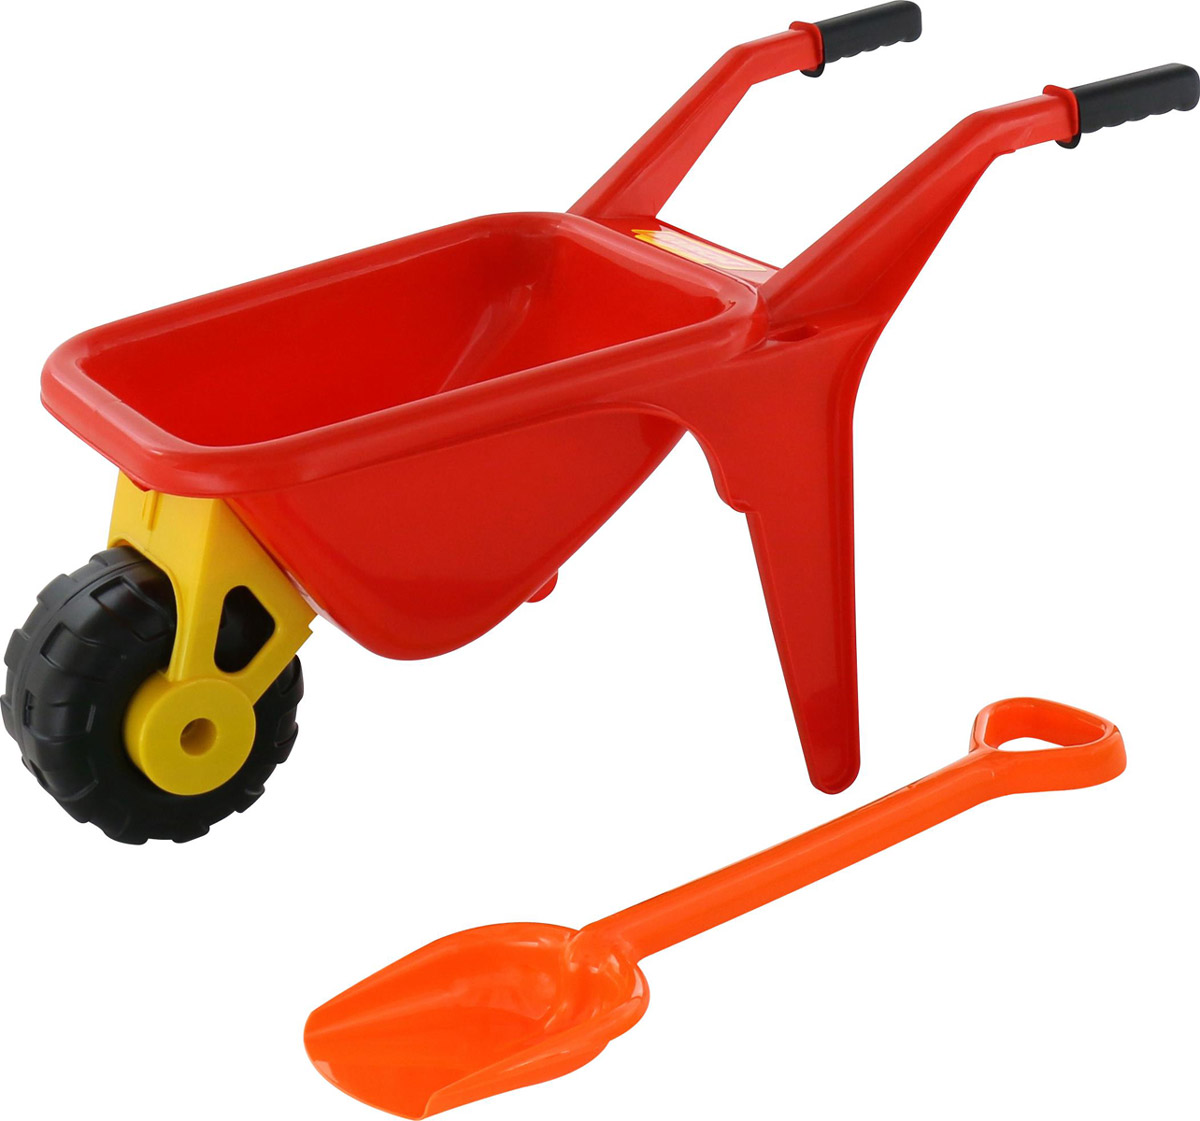 Полесье Набор игрушек для песочницы Тачка Садовод с лопатой цвет красный полесье игрушка пластм тачка садовод полесье